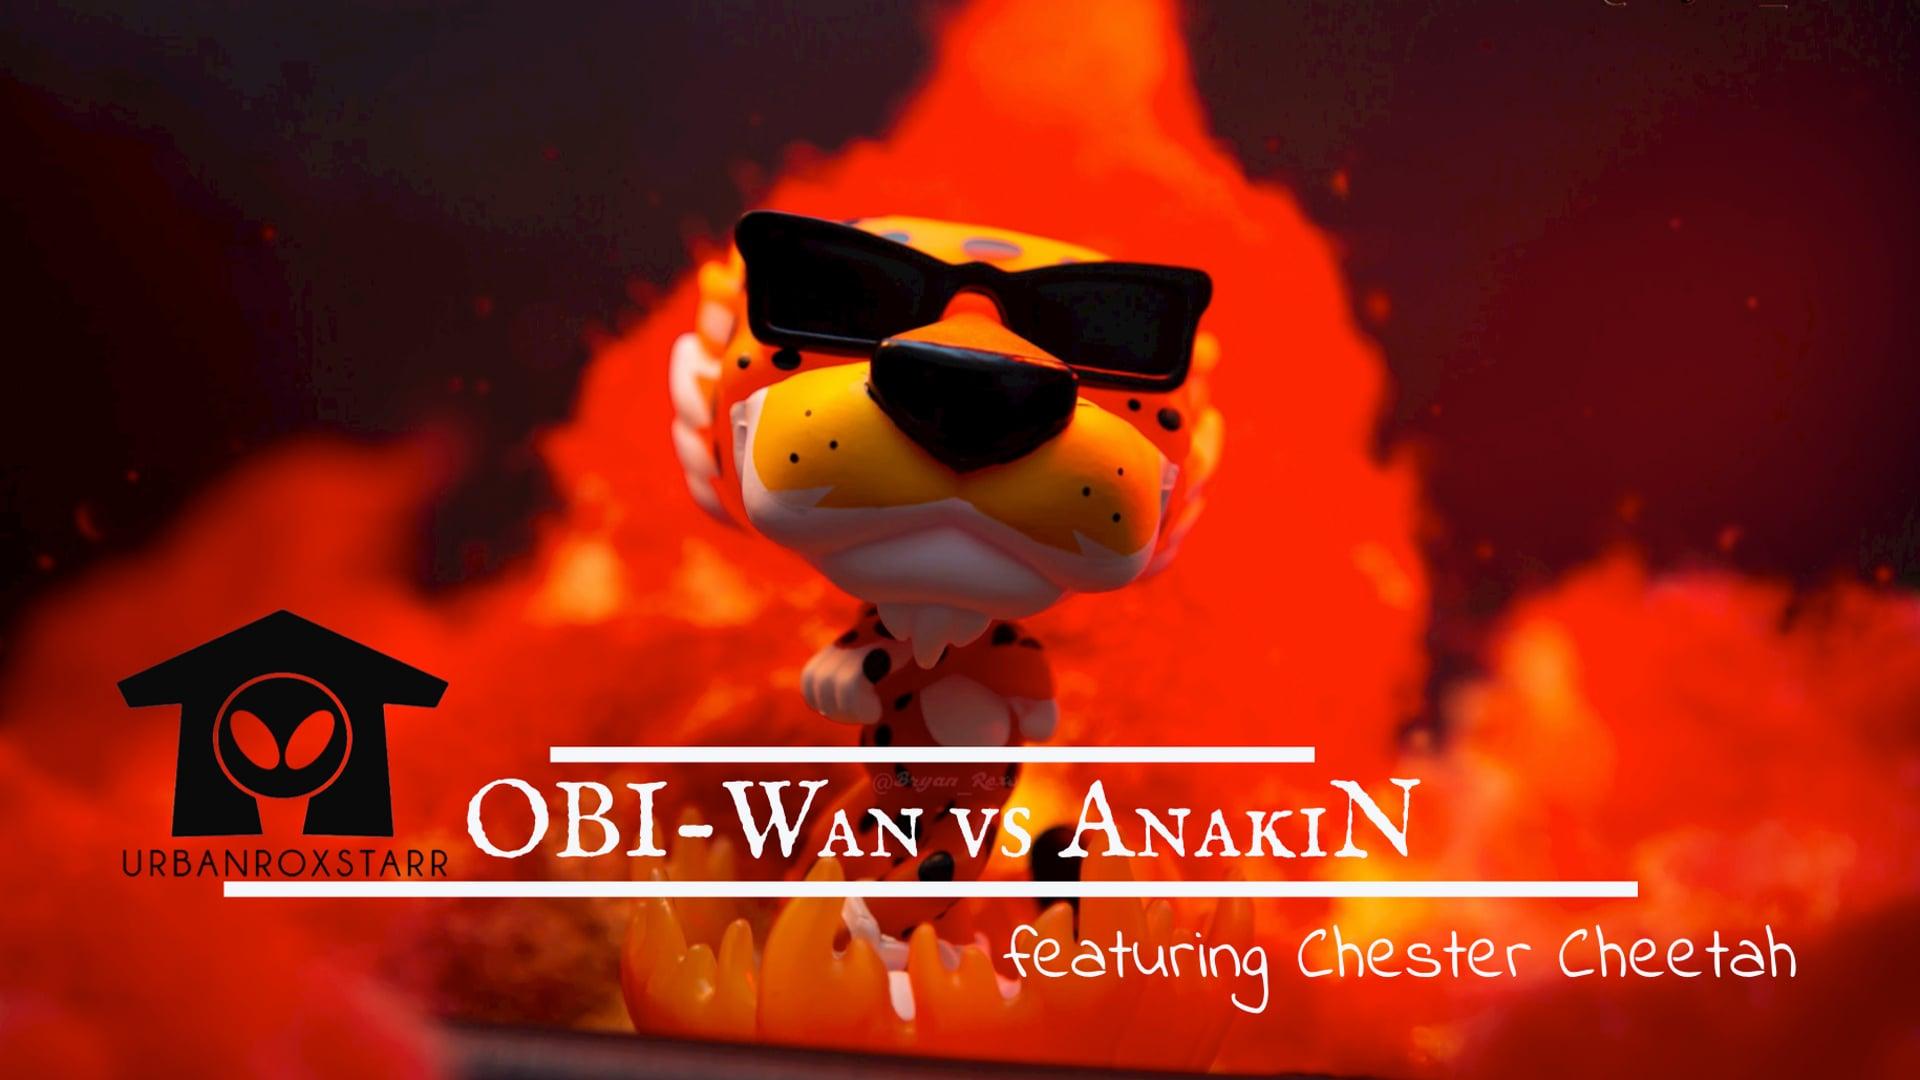 OBi-Wan vs Anakin featuring Chester Cheetah